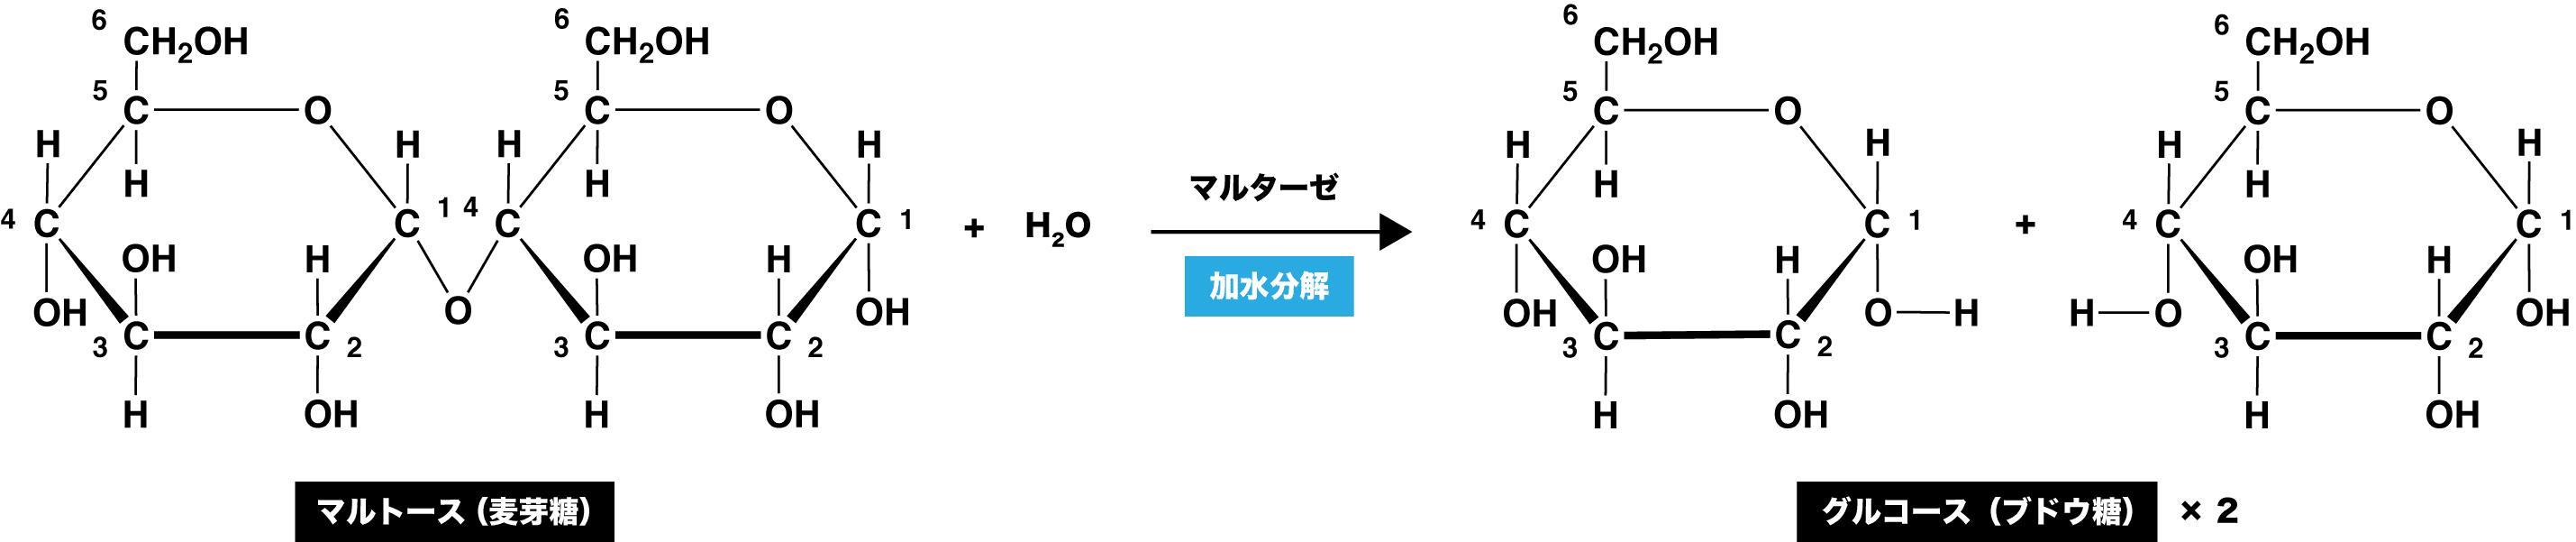 二糖類】マルトース/スクロースなどの還元性・構造式・結合・覚え方 ...